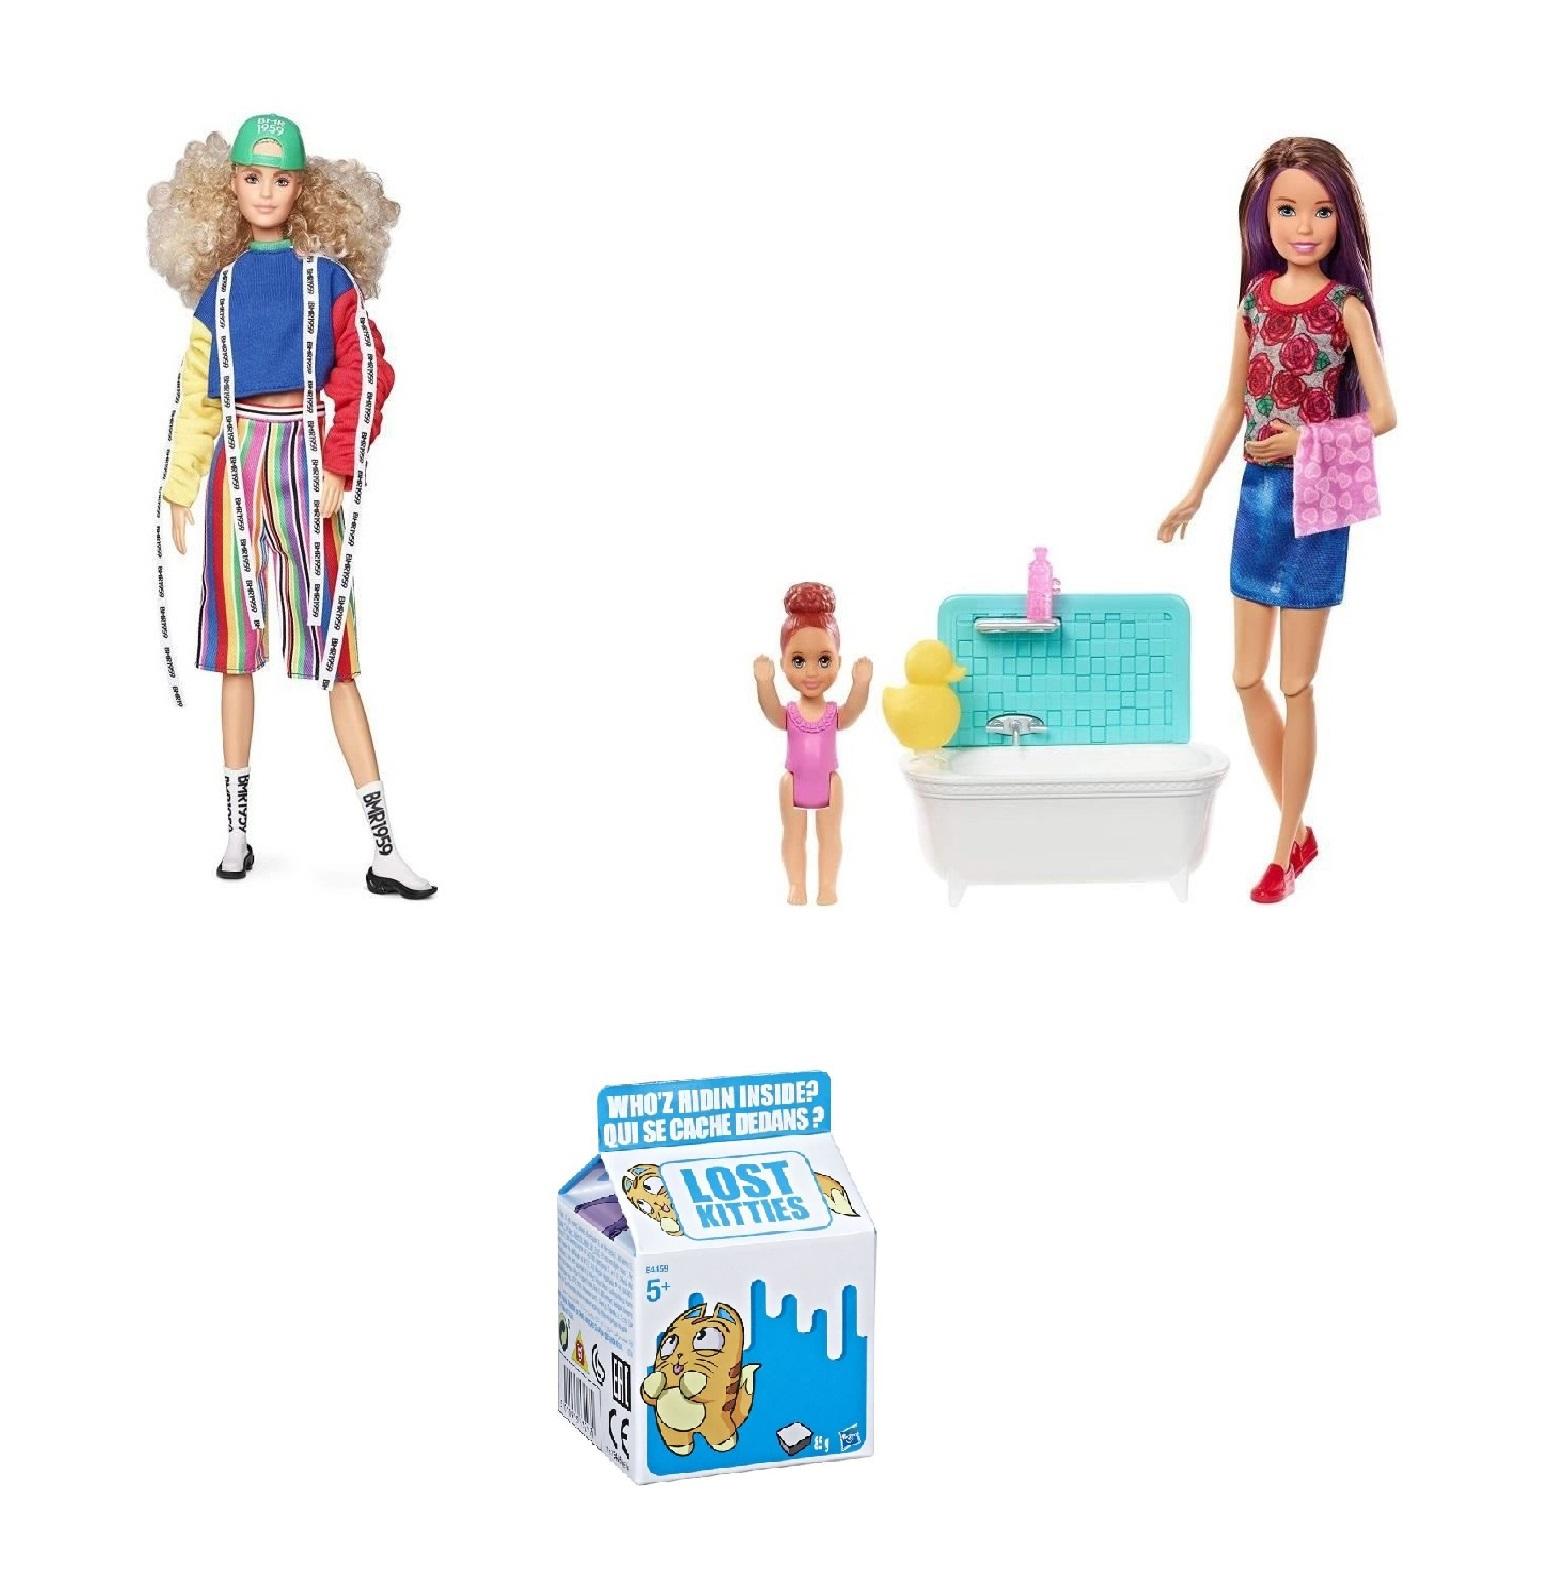 Sélection de Poupées Barbies en promotion + 1 achetée = la 2e à -50% - Ex : Barbie Signature BMR1959 + Barbie Skipper + Jouet Lost Kitties